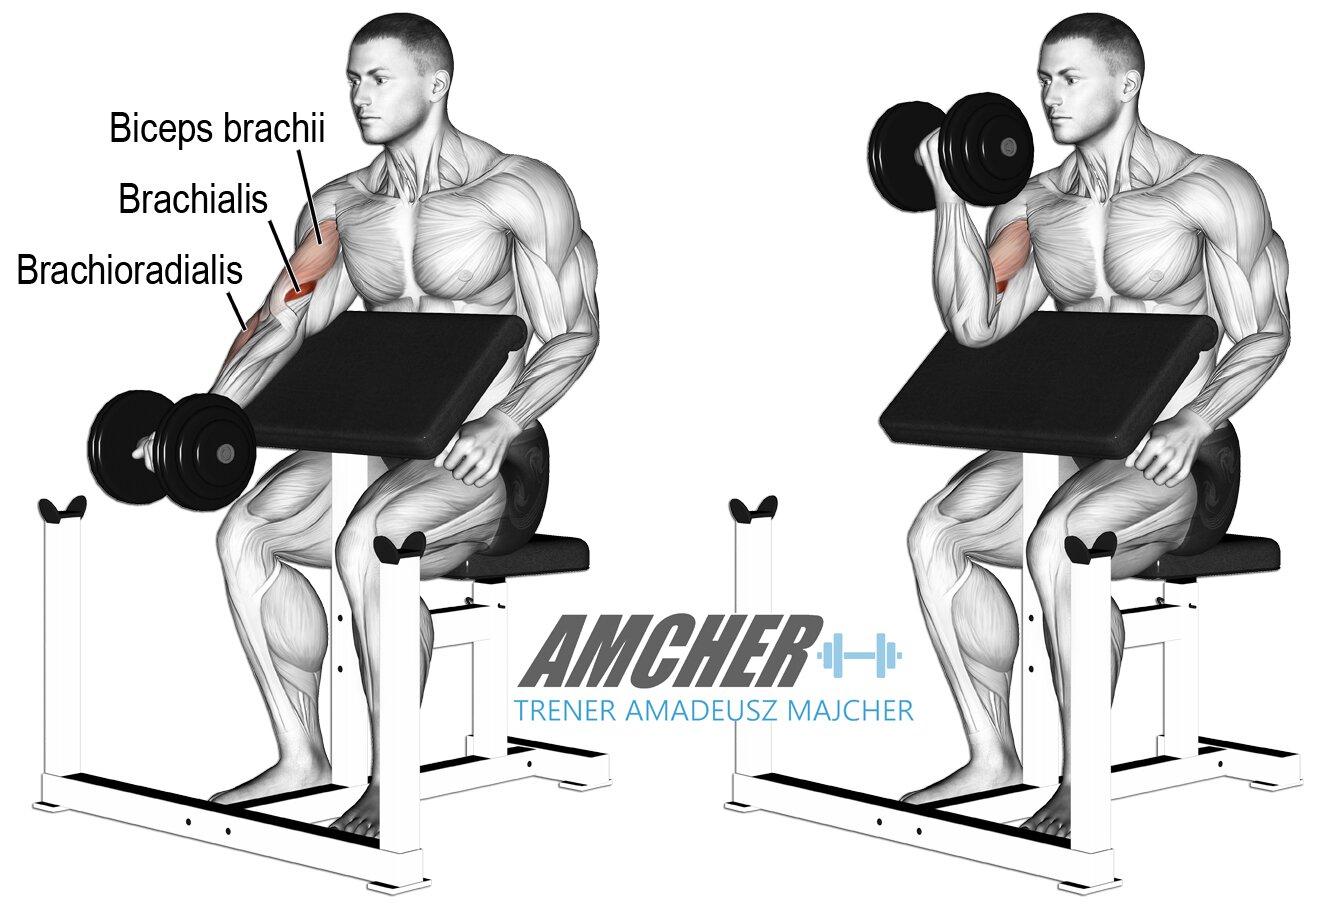 Biceps trening -ćwiczenia na mięśnie dwugłowe